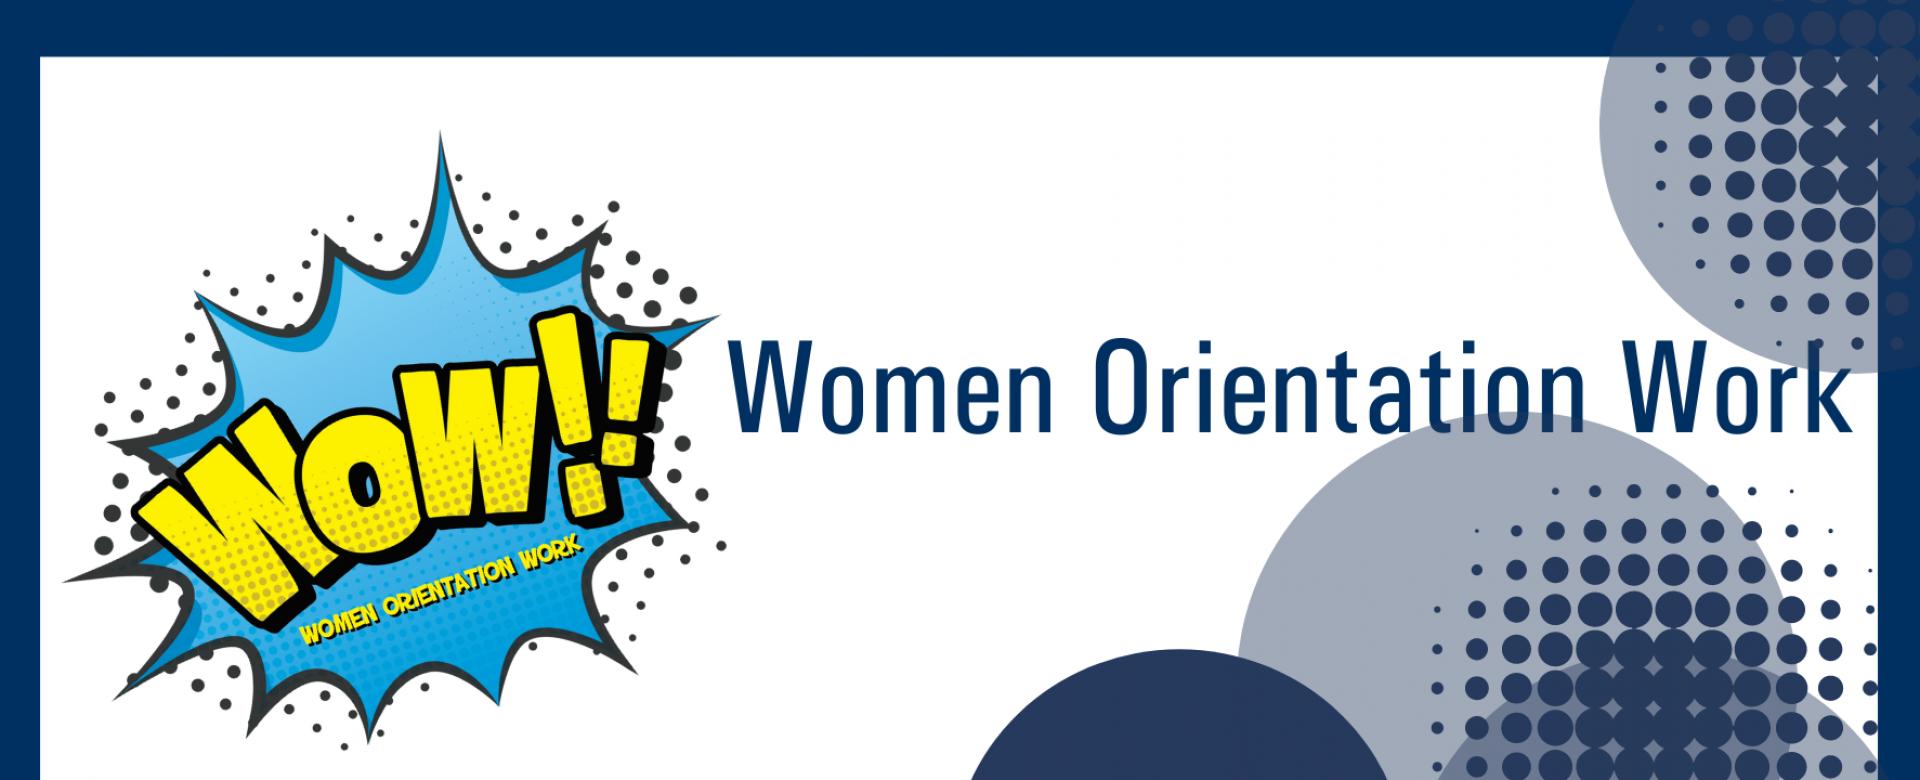 05.10.2021 - W.O.W. Women Orientation Work